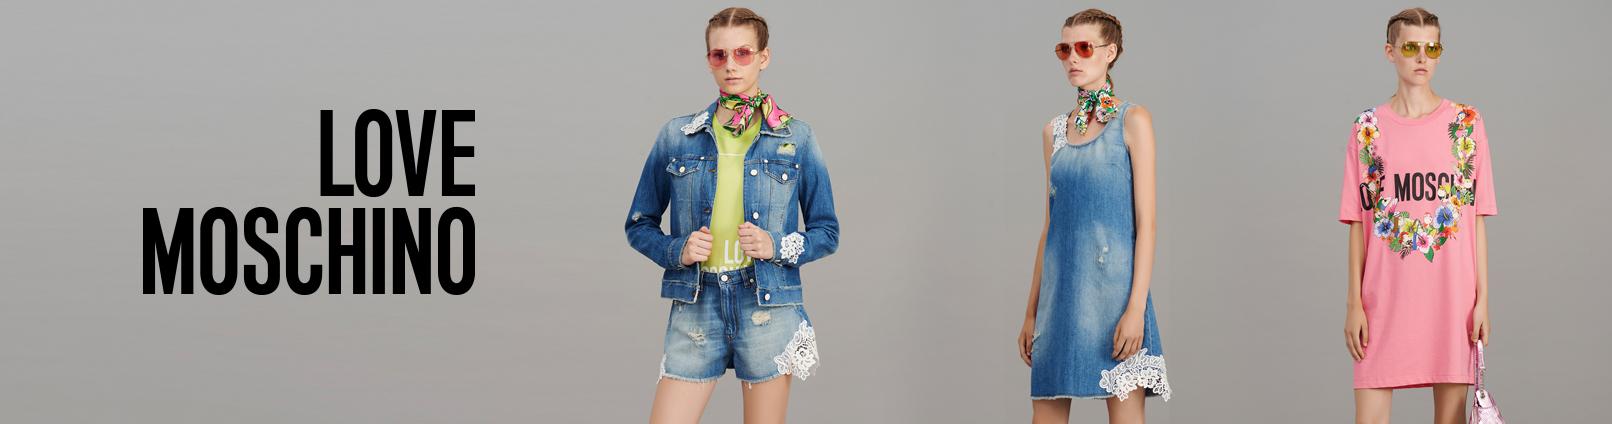 buy online d4125 a9001 Love Moschino | La nuova collezione online su Zalando